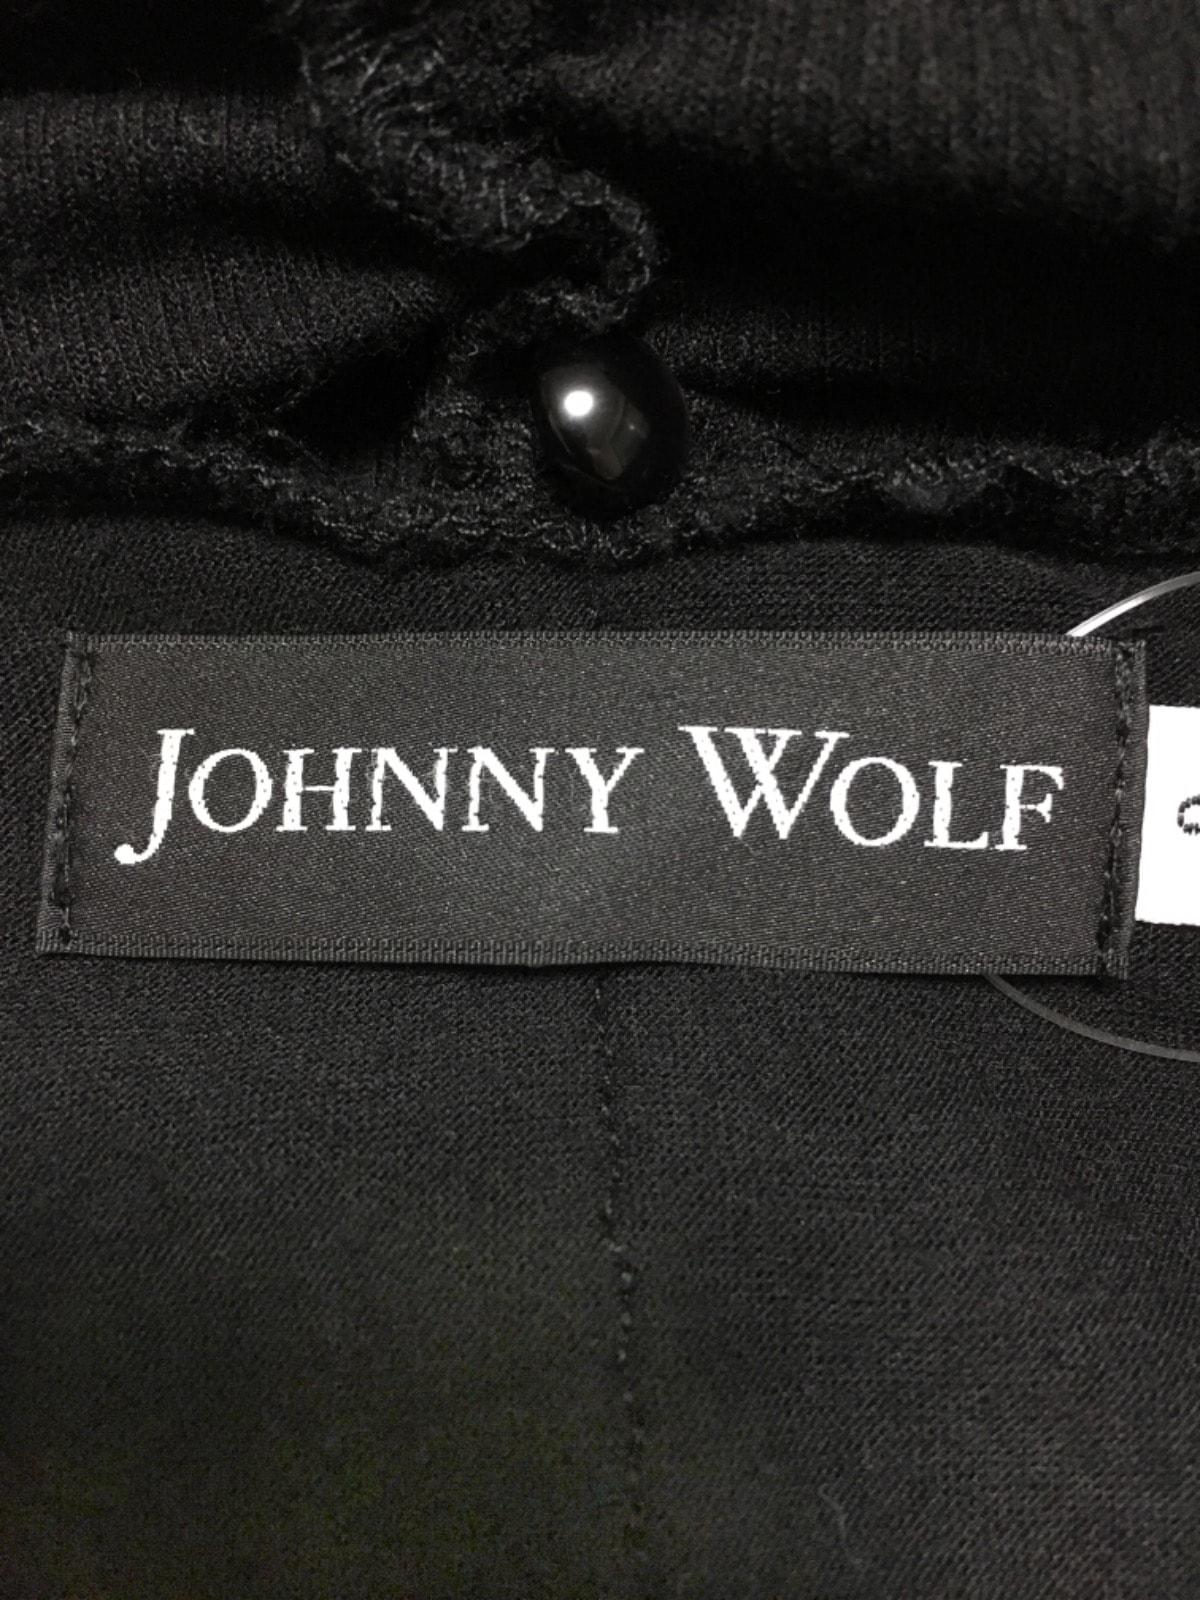 JOHNNY WOLF(ジョニーウルフ)のカーディガン